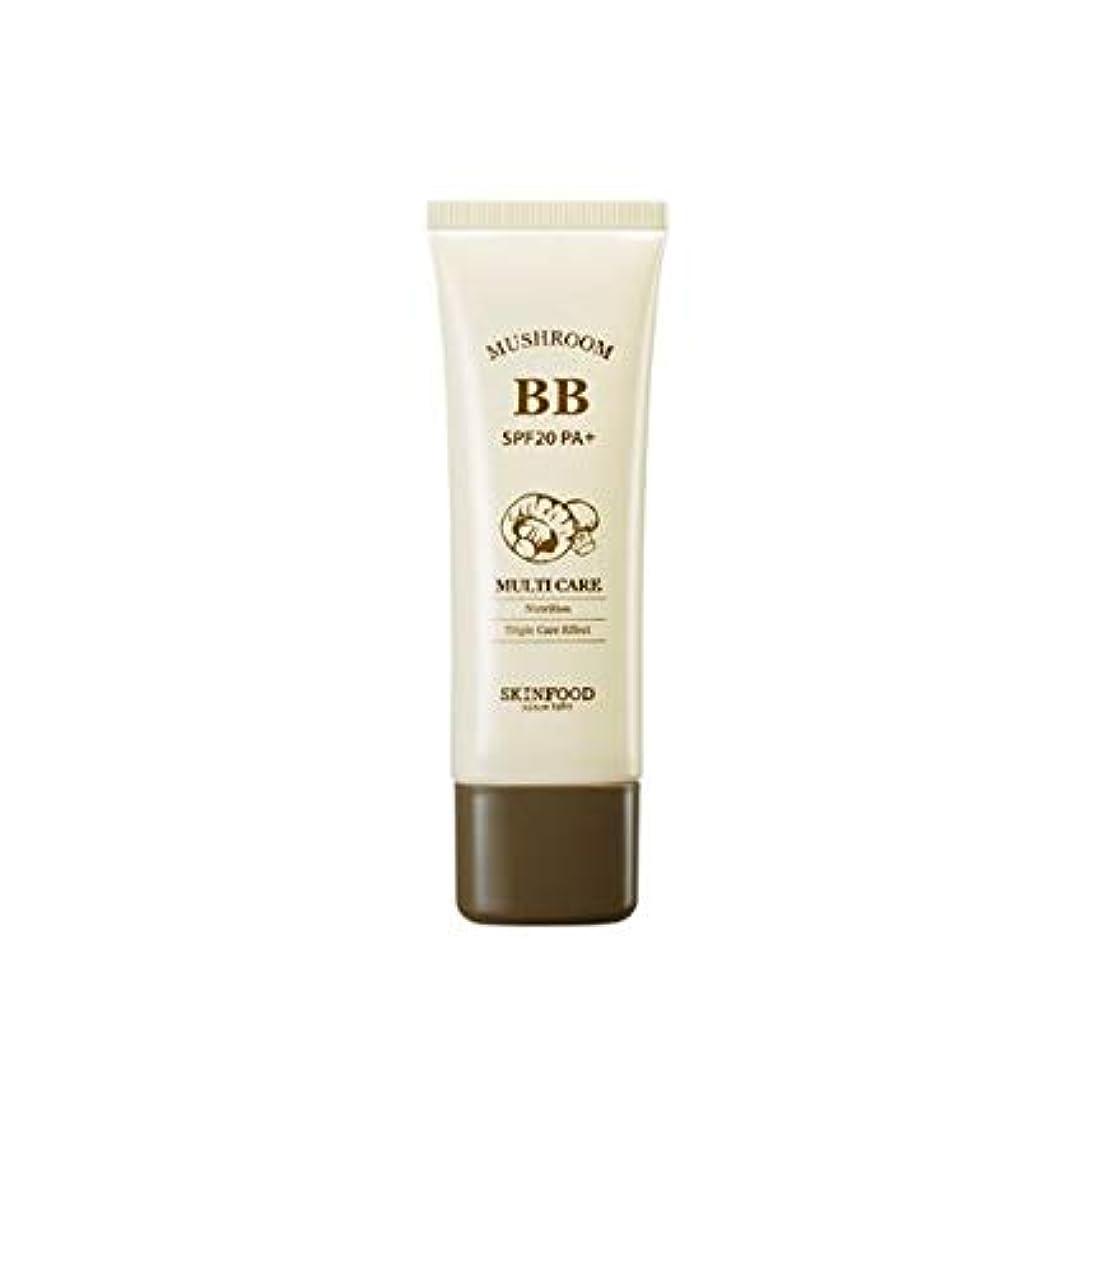 天皇許される相談するSkinfood マッシュルームマルチケアBBクリームSPF20 PA +#No. 1ブライトスキン / Mushroom Multi Care BB Cream SPF20 PA+# No. 1 Bright Skin...